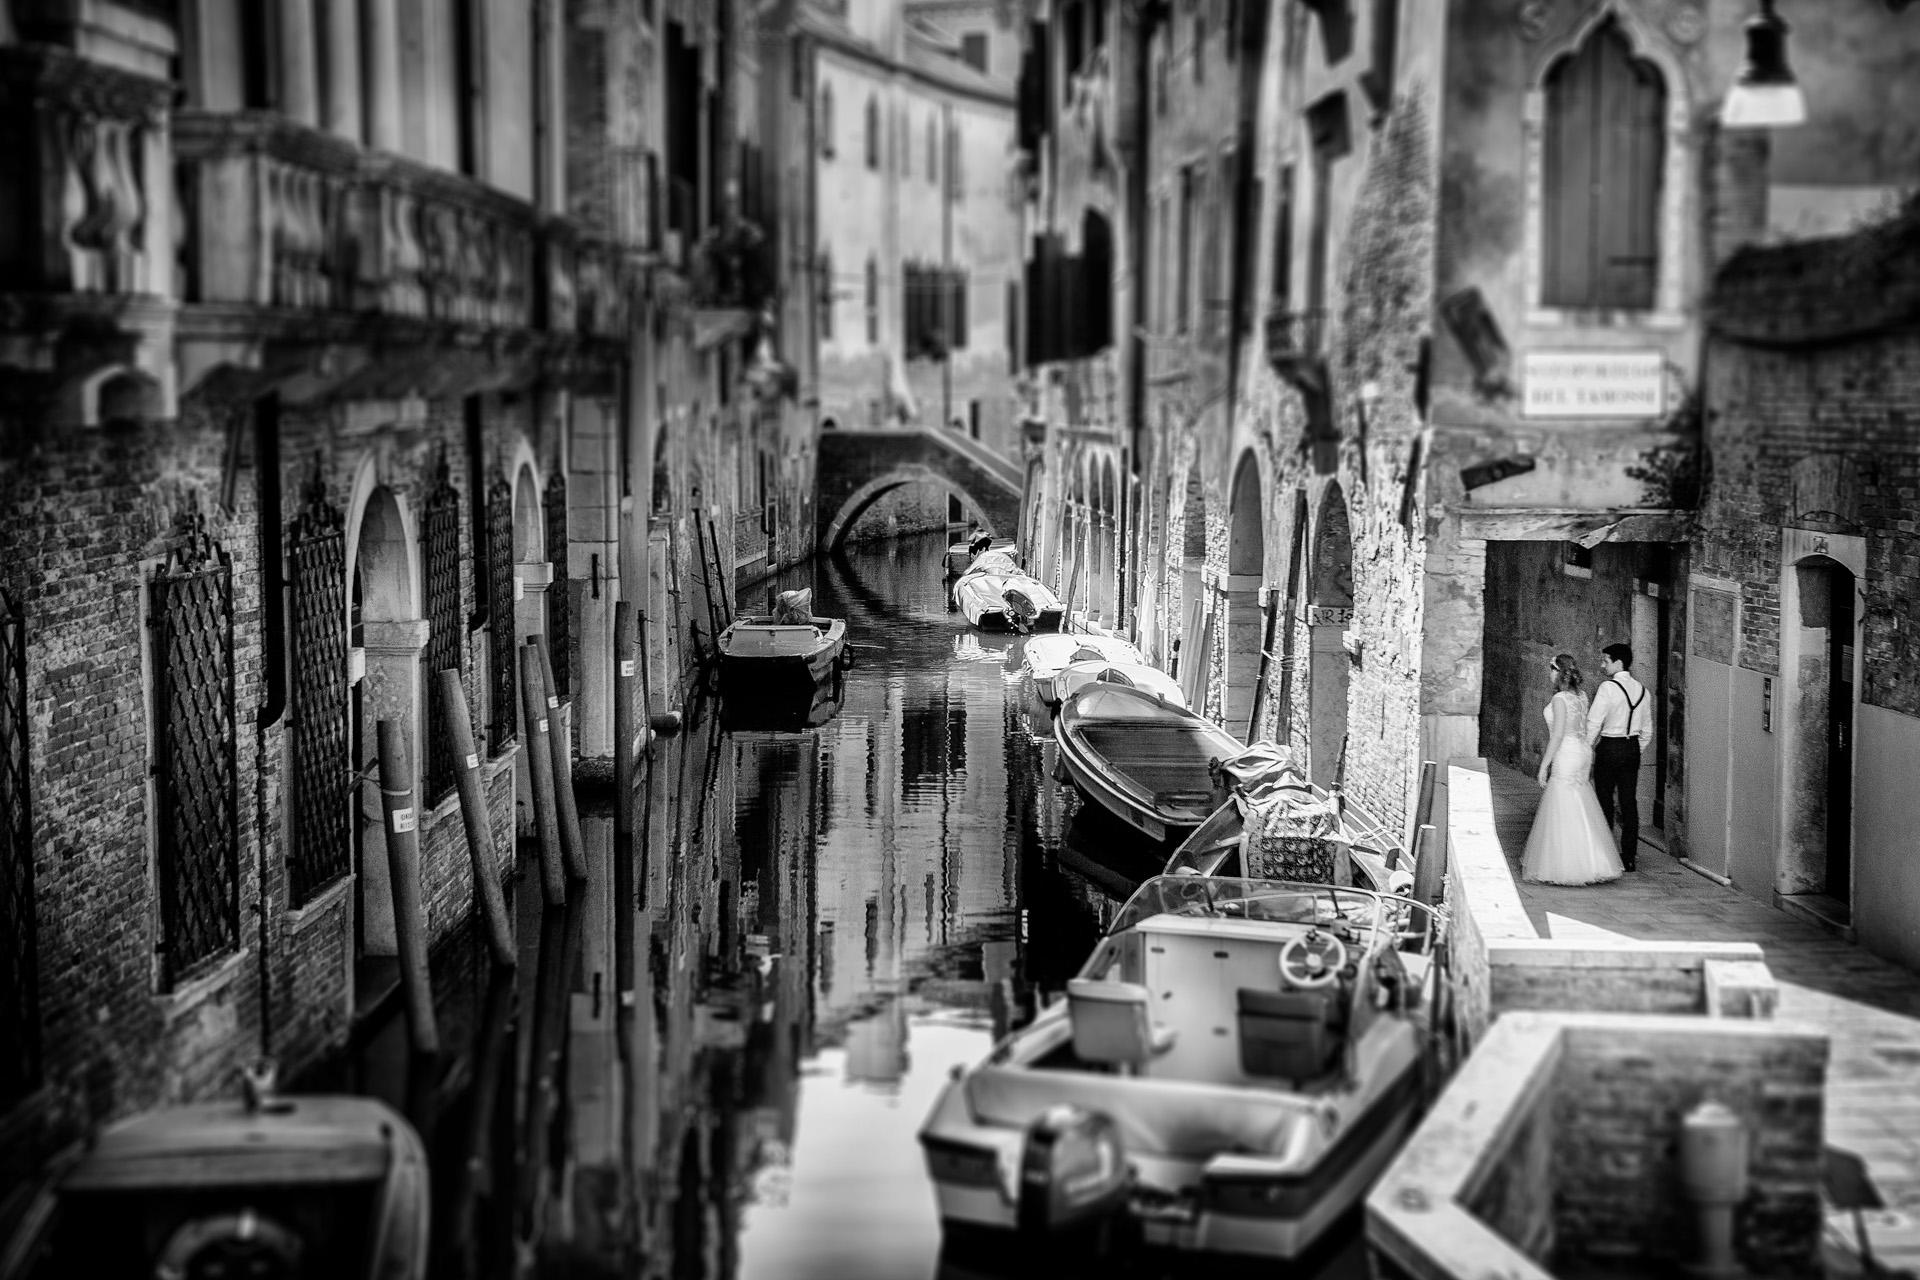 Retrato de Elopement en Venecia, Italia | Siguiendo a los recién casados durante su paseo por las pintorescas calles estrechas.